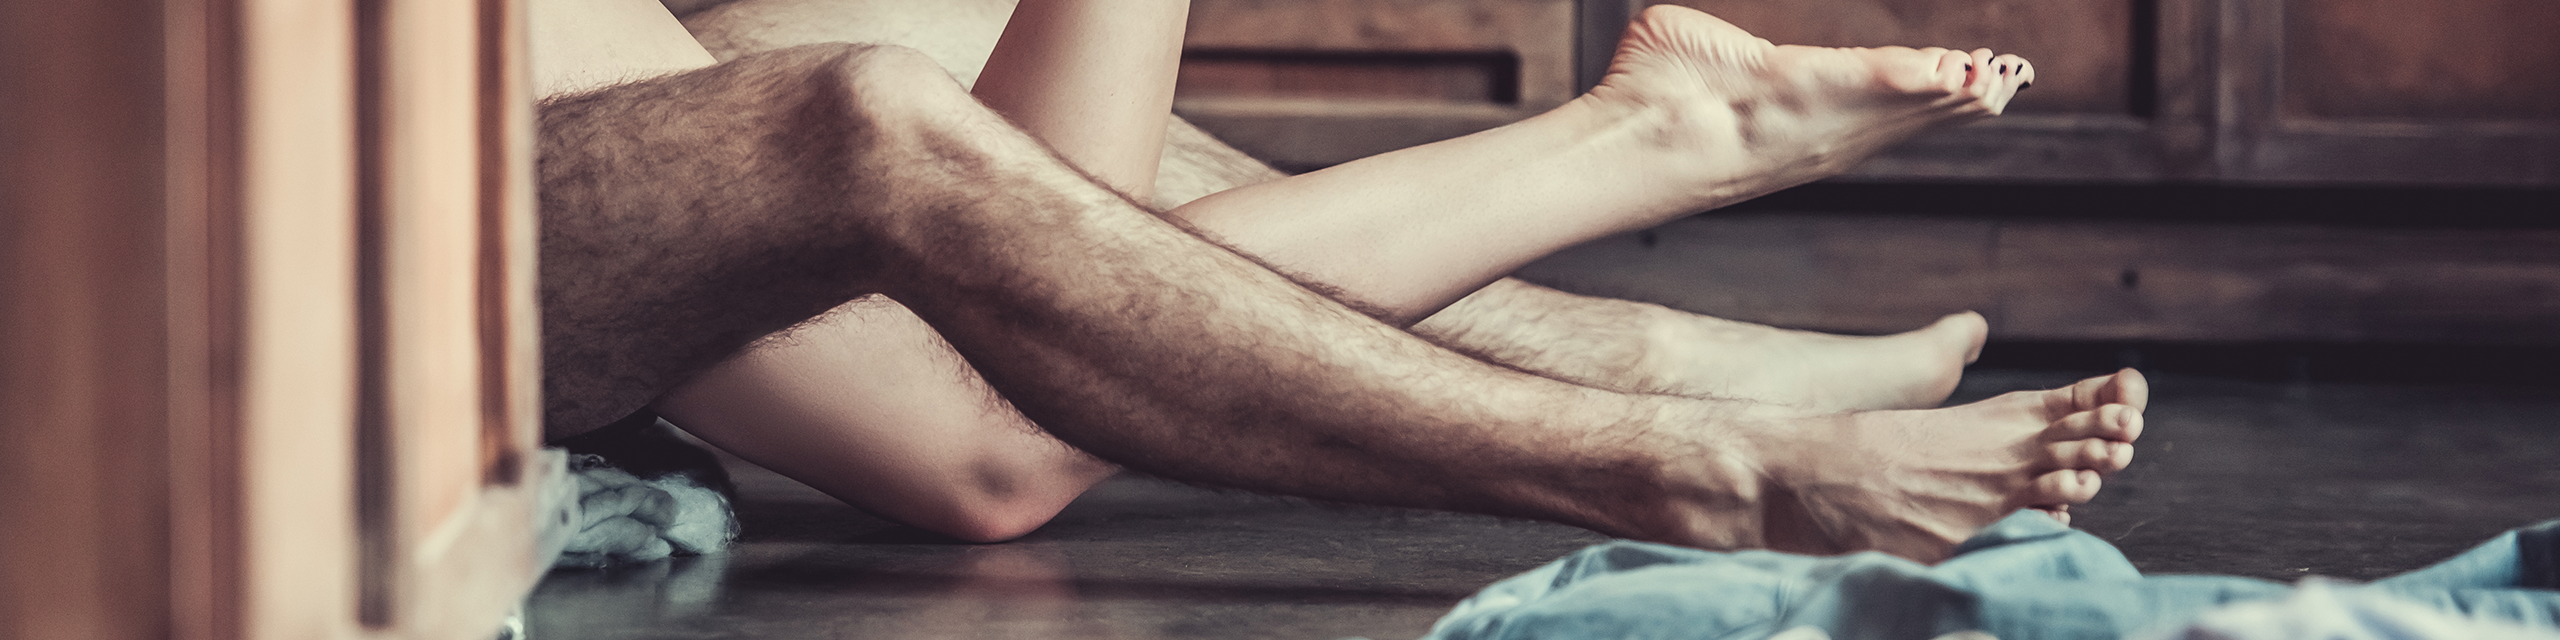 6 wetenschappelijke redenen om méér seks te hebben